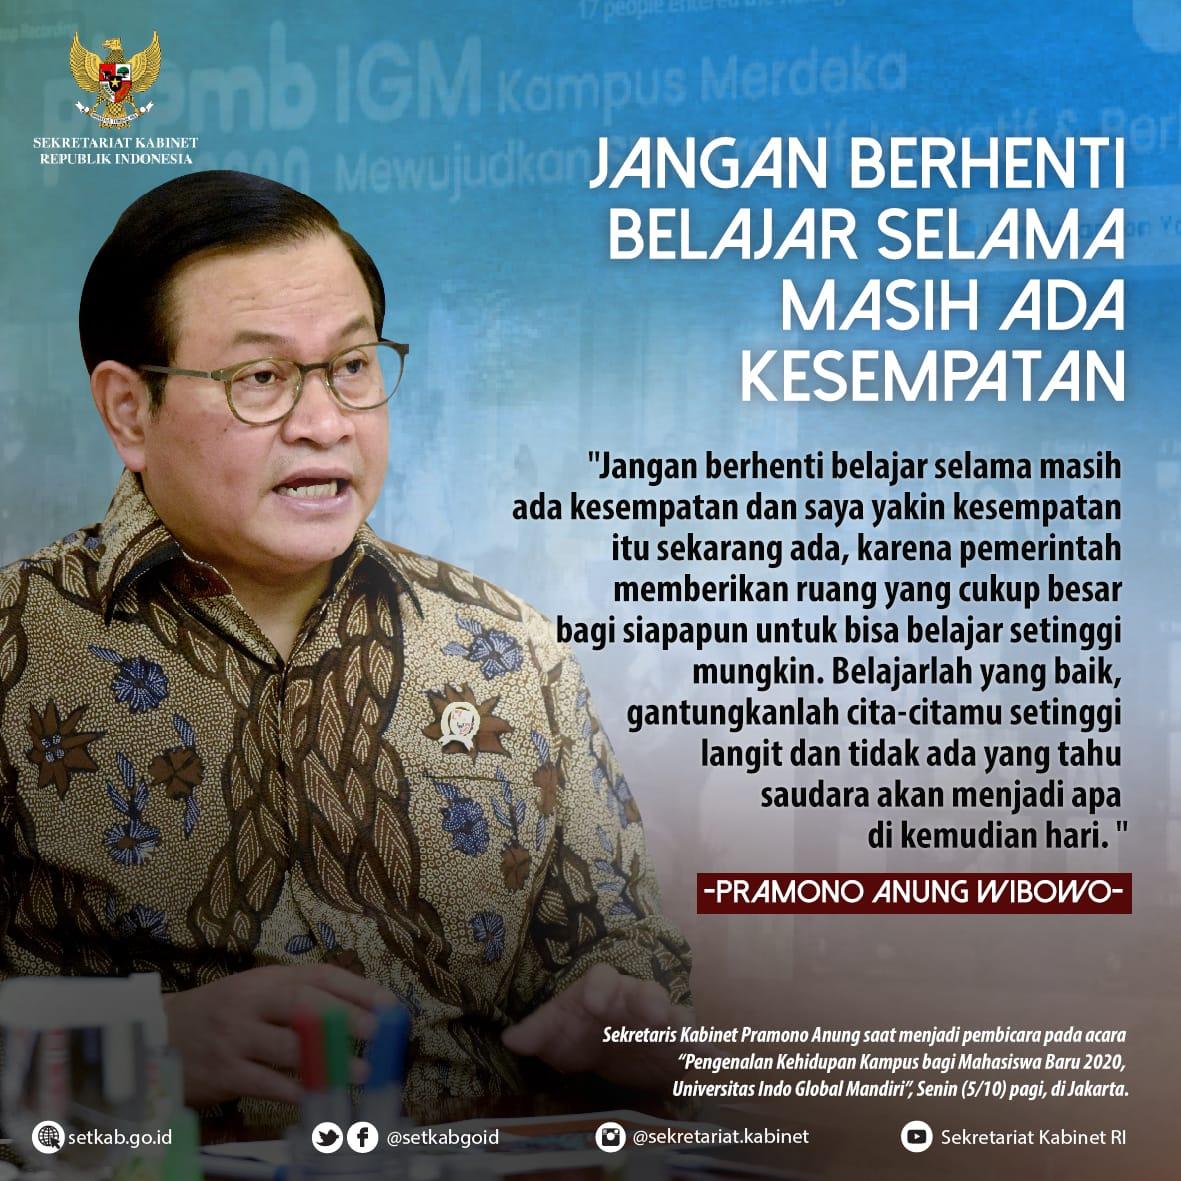 """Pesan Sekretaris Kabinet pada """"Pengenalan Kehidupan Kampus bagi Mahasiswa Baru 2020, Universitas Indo Global Mandiri"""", Senin (5/10)"""